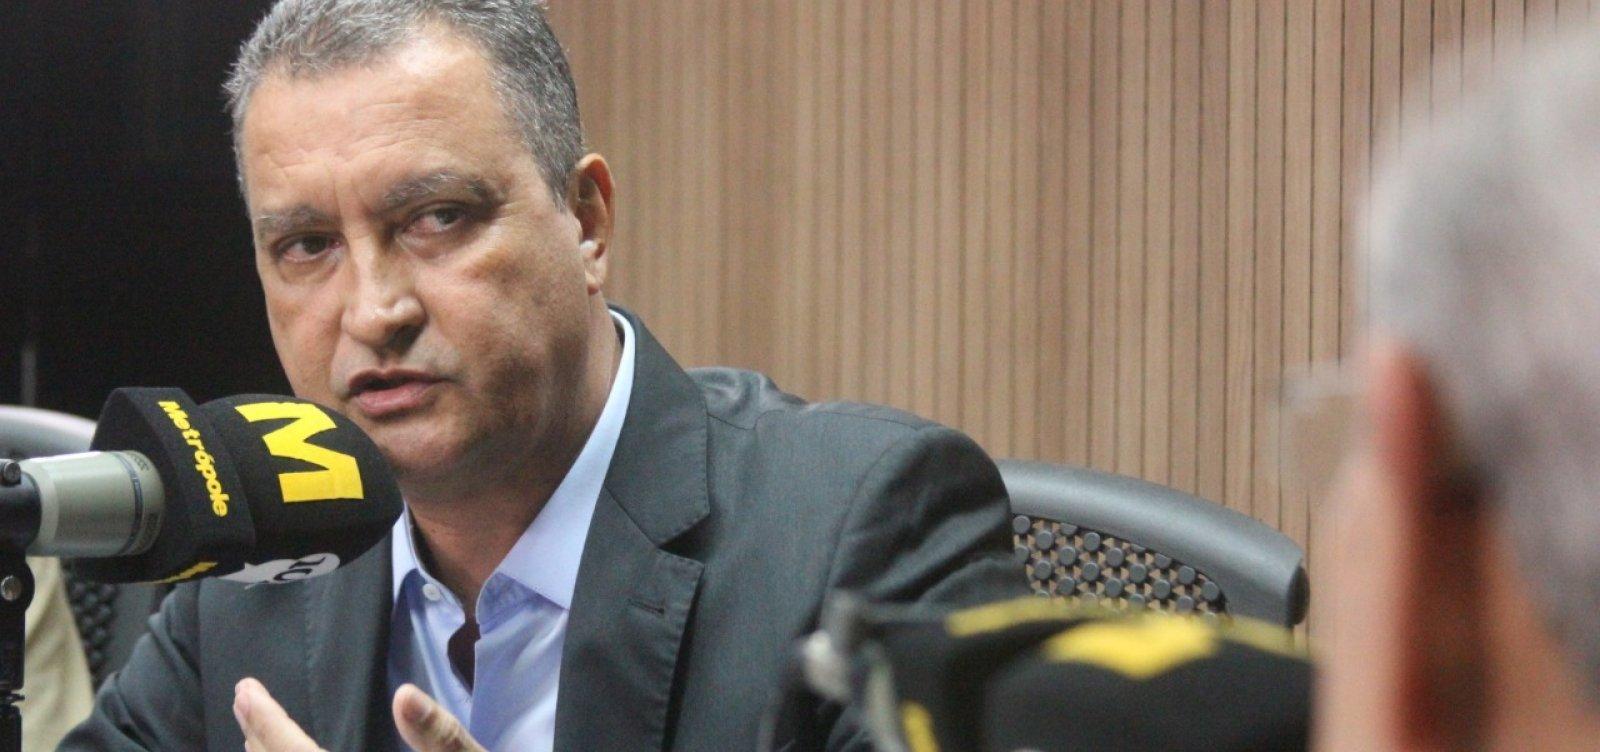 Governo vai pedir à Justiça garantia da medição de temperatura em aeroporto, diz Rui